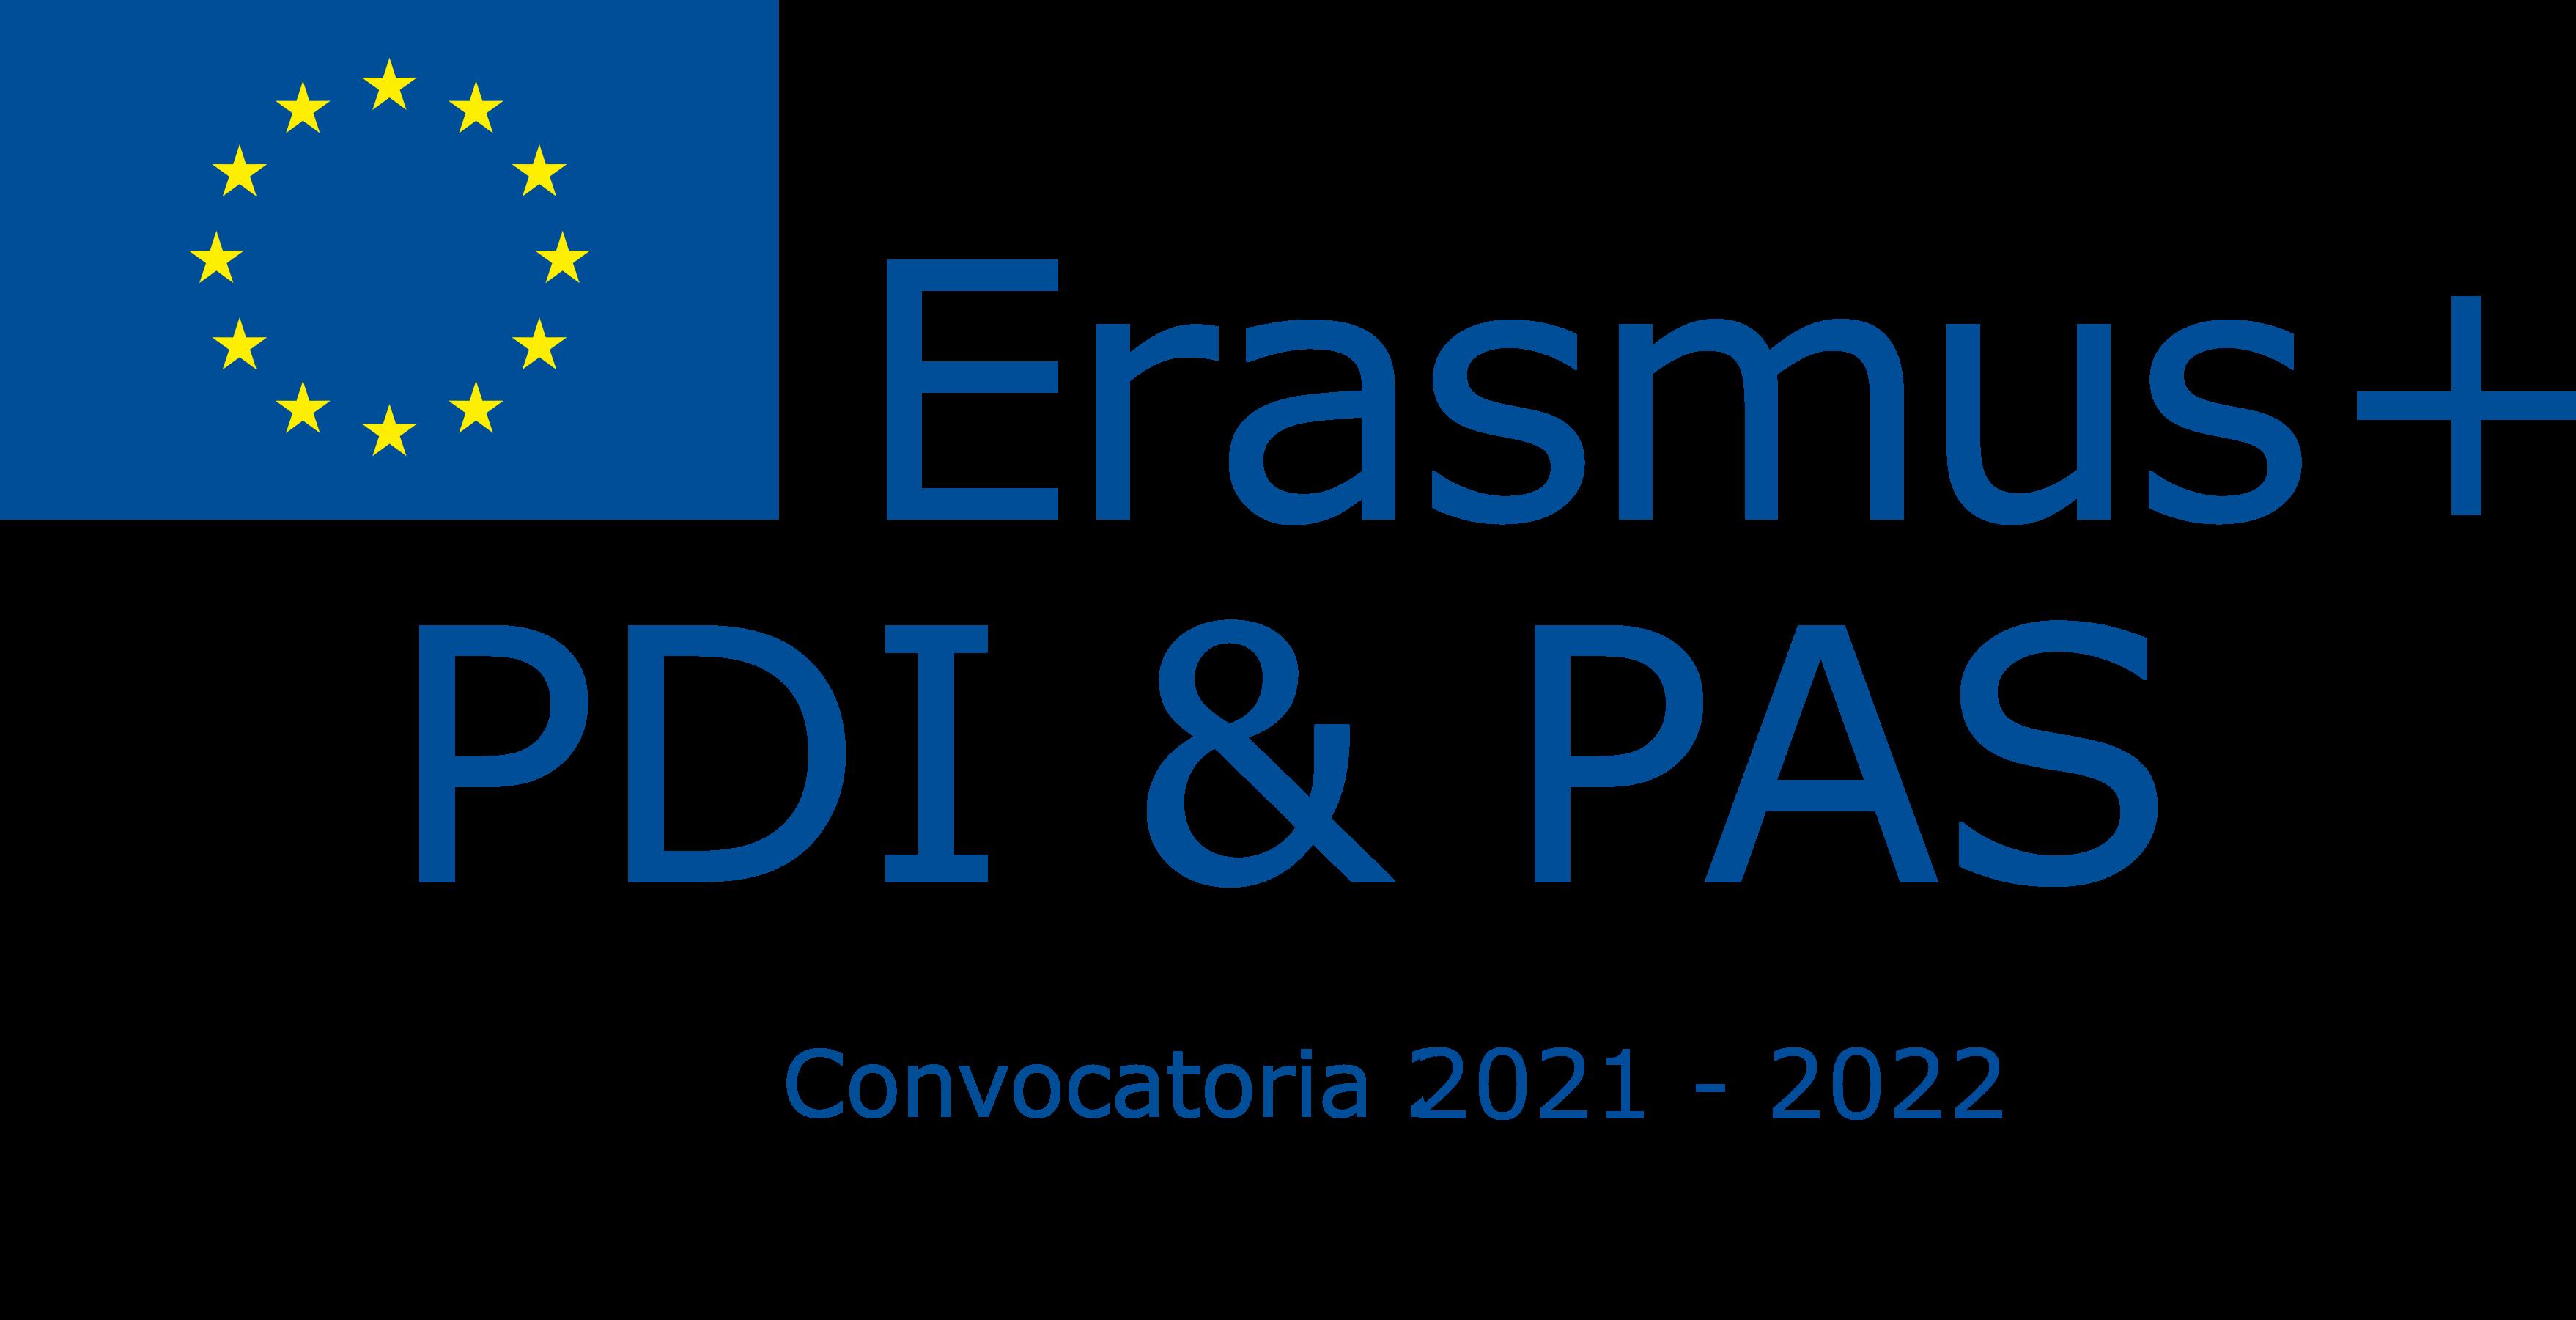 Abierta la convocatoria Erasmus + para la movilidad del PAS y del PDI para el curso 2021-2022